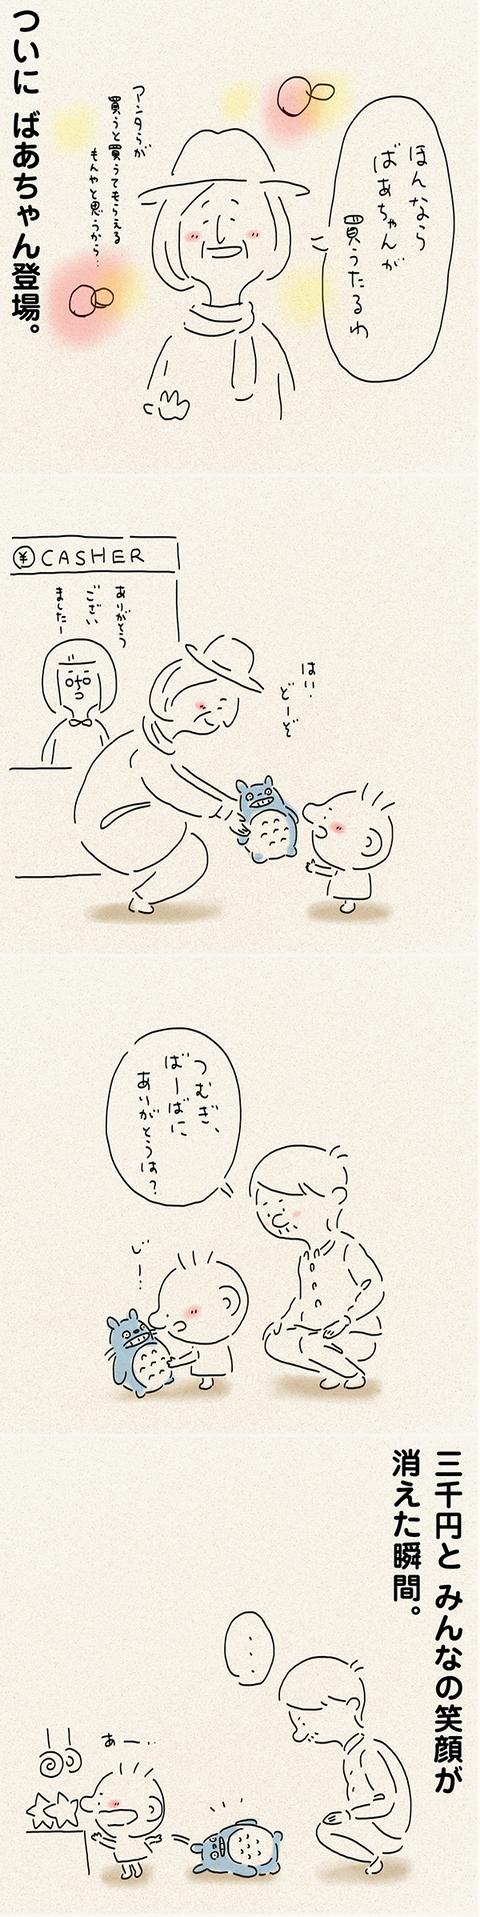 tsumublog_kako81totoro_600_04